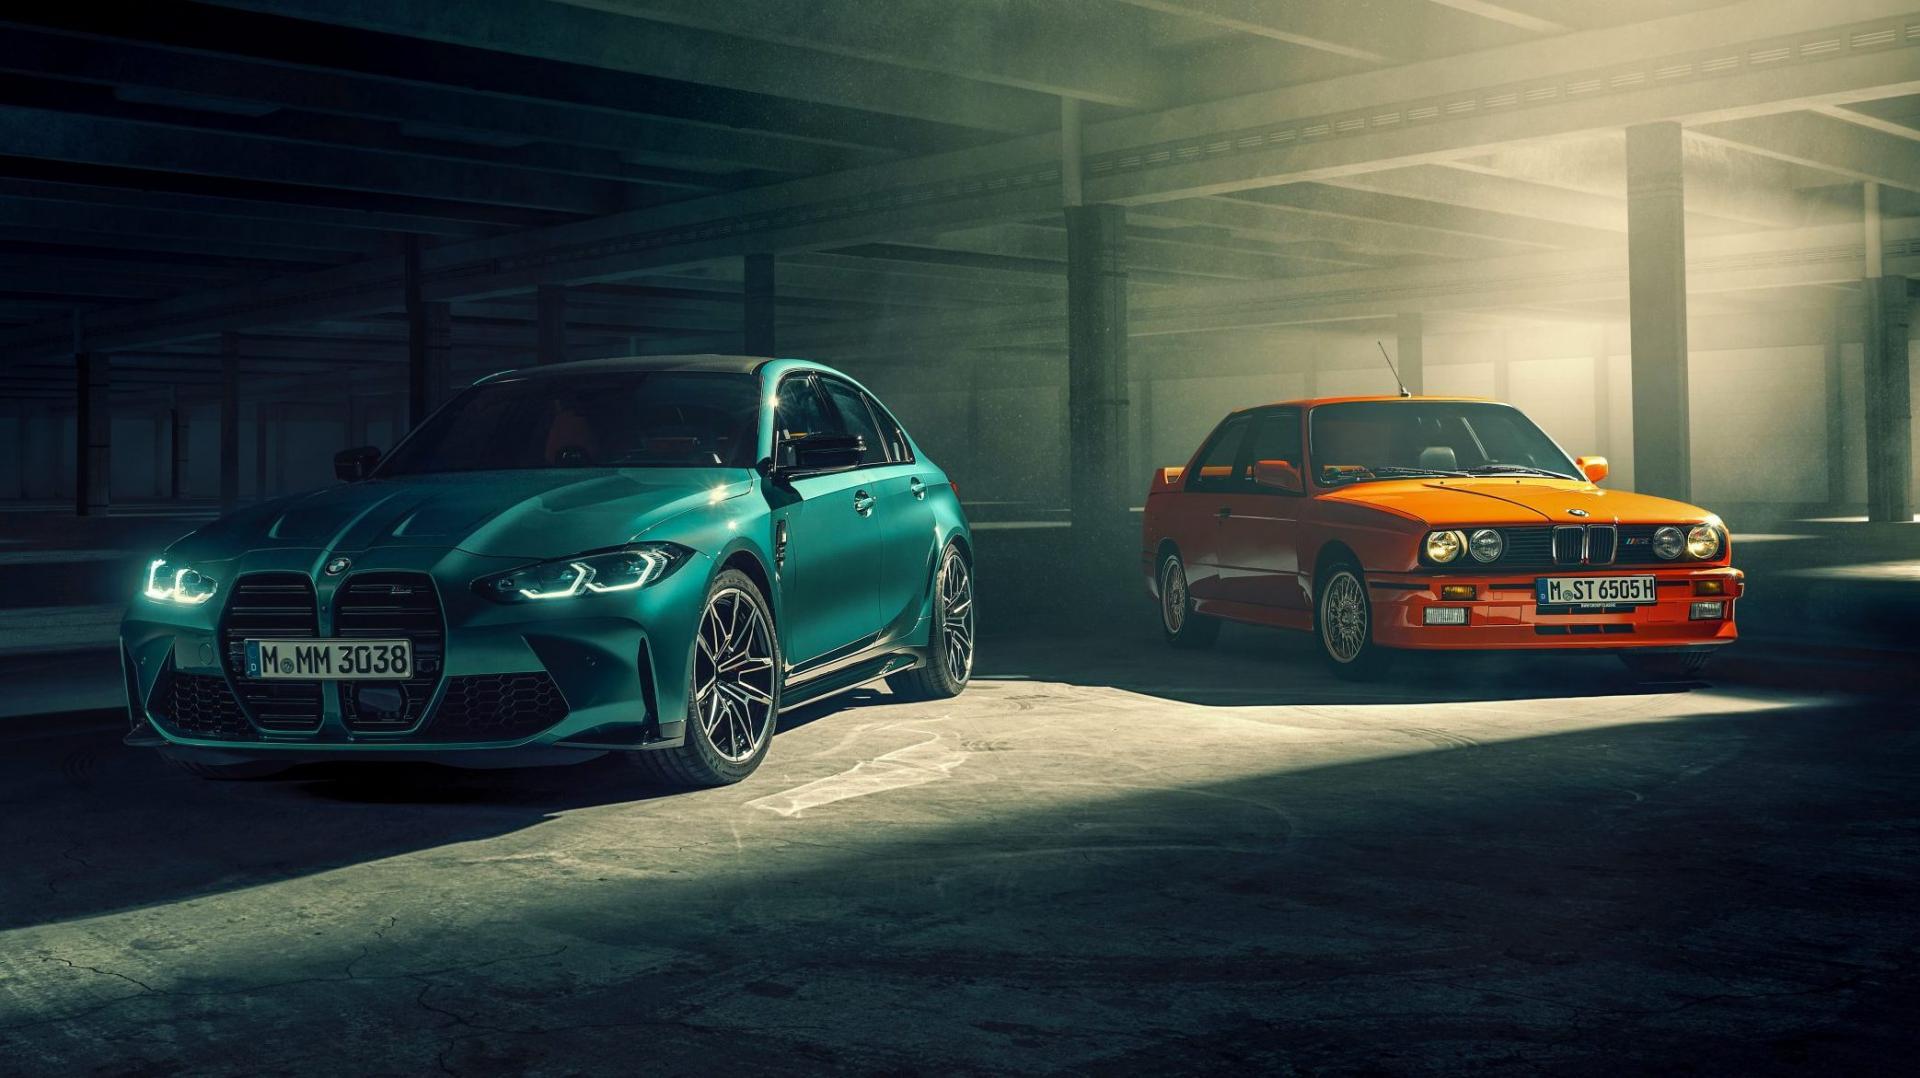 Gaat BMW de verkeerde kant op?